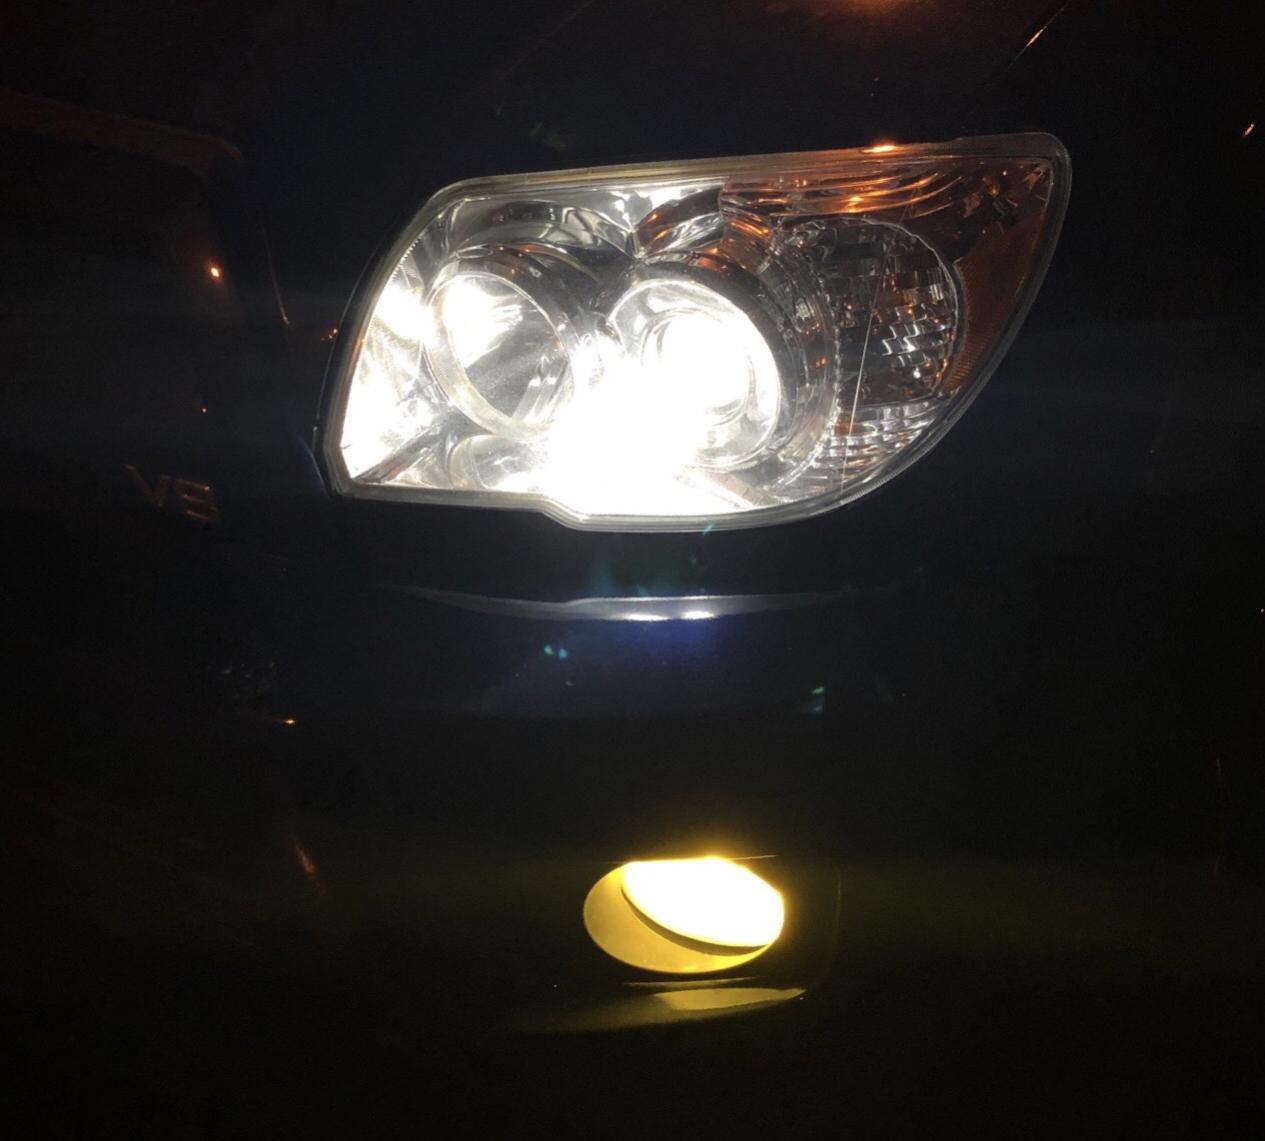 06-09 LED headlight bulbs. MUST TRY list-97781ac2-729d-473a-8034-e7b659fc8233-jpg